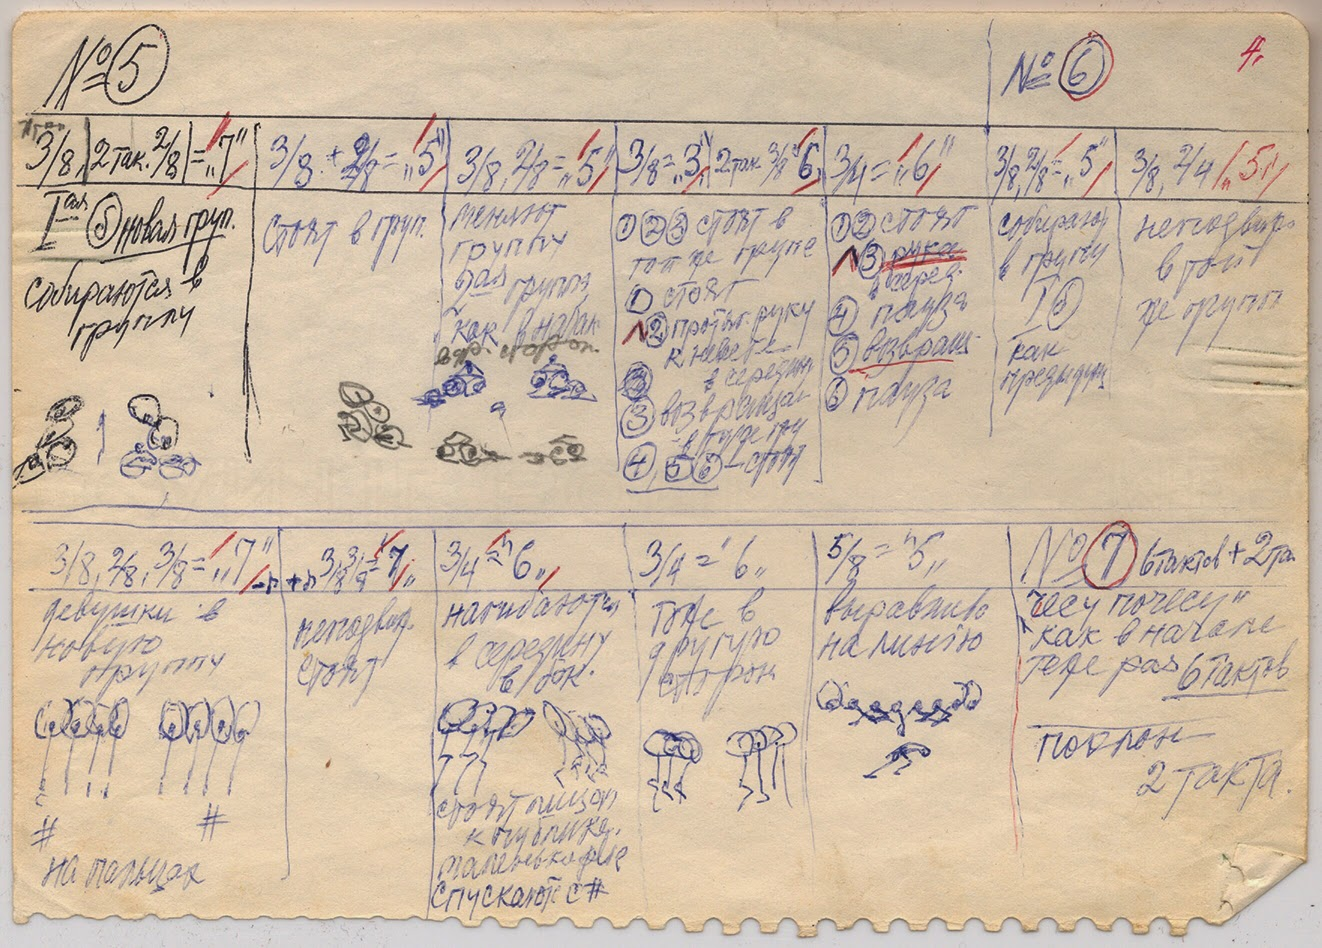 Le Train Bleu - Notas para la coreografía de Bronislava Nijinska